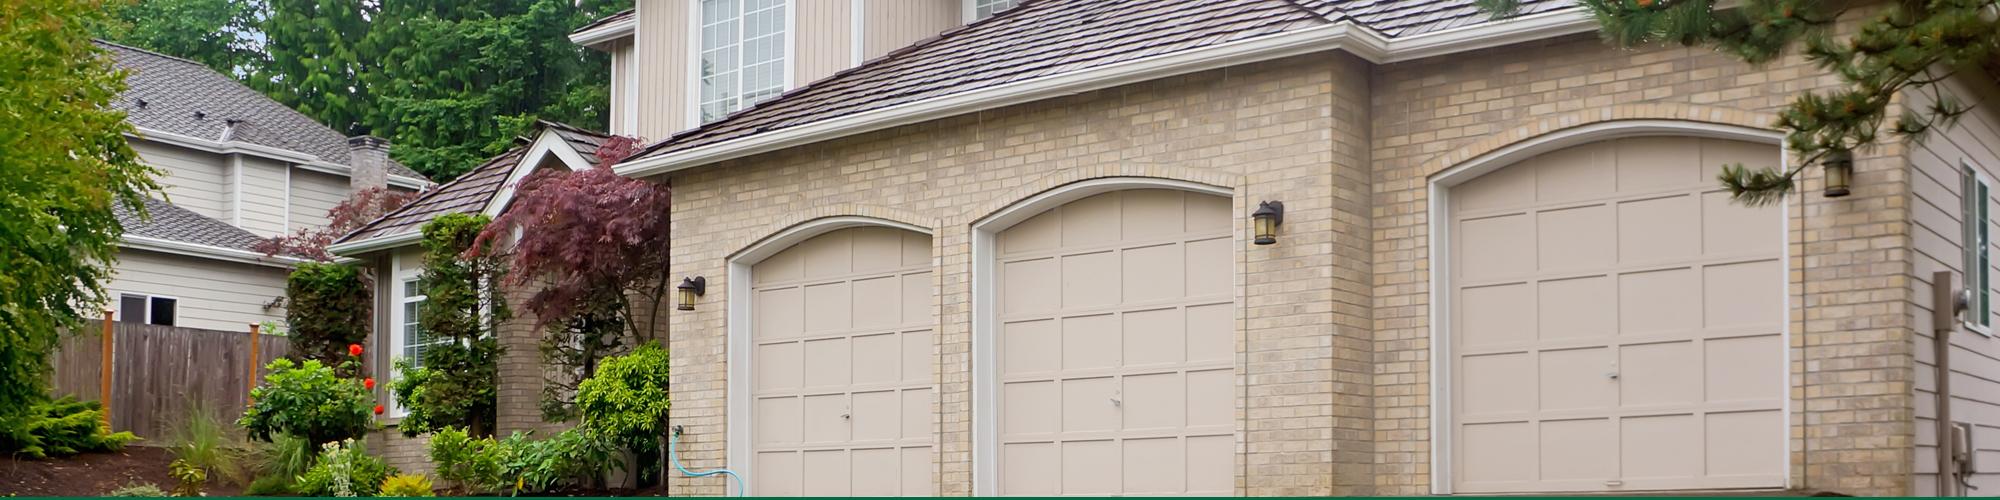 Garage Door Installation In Houston Tx Efficient Services